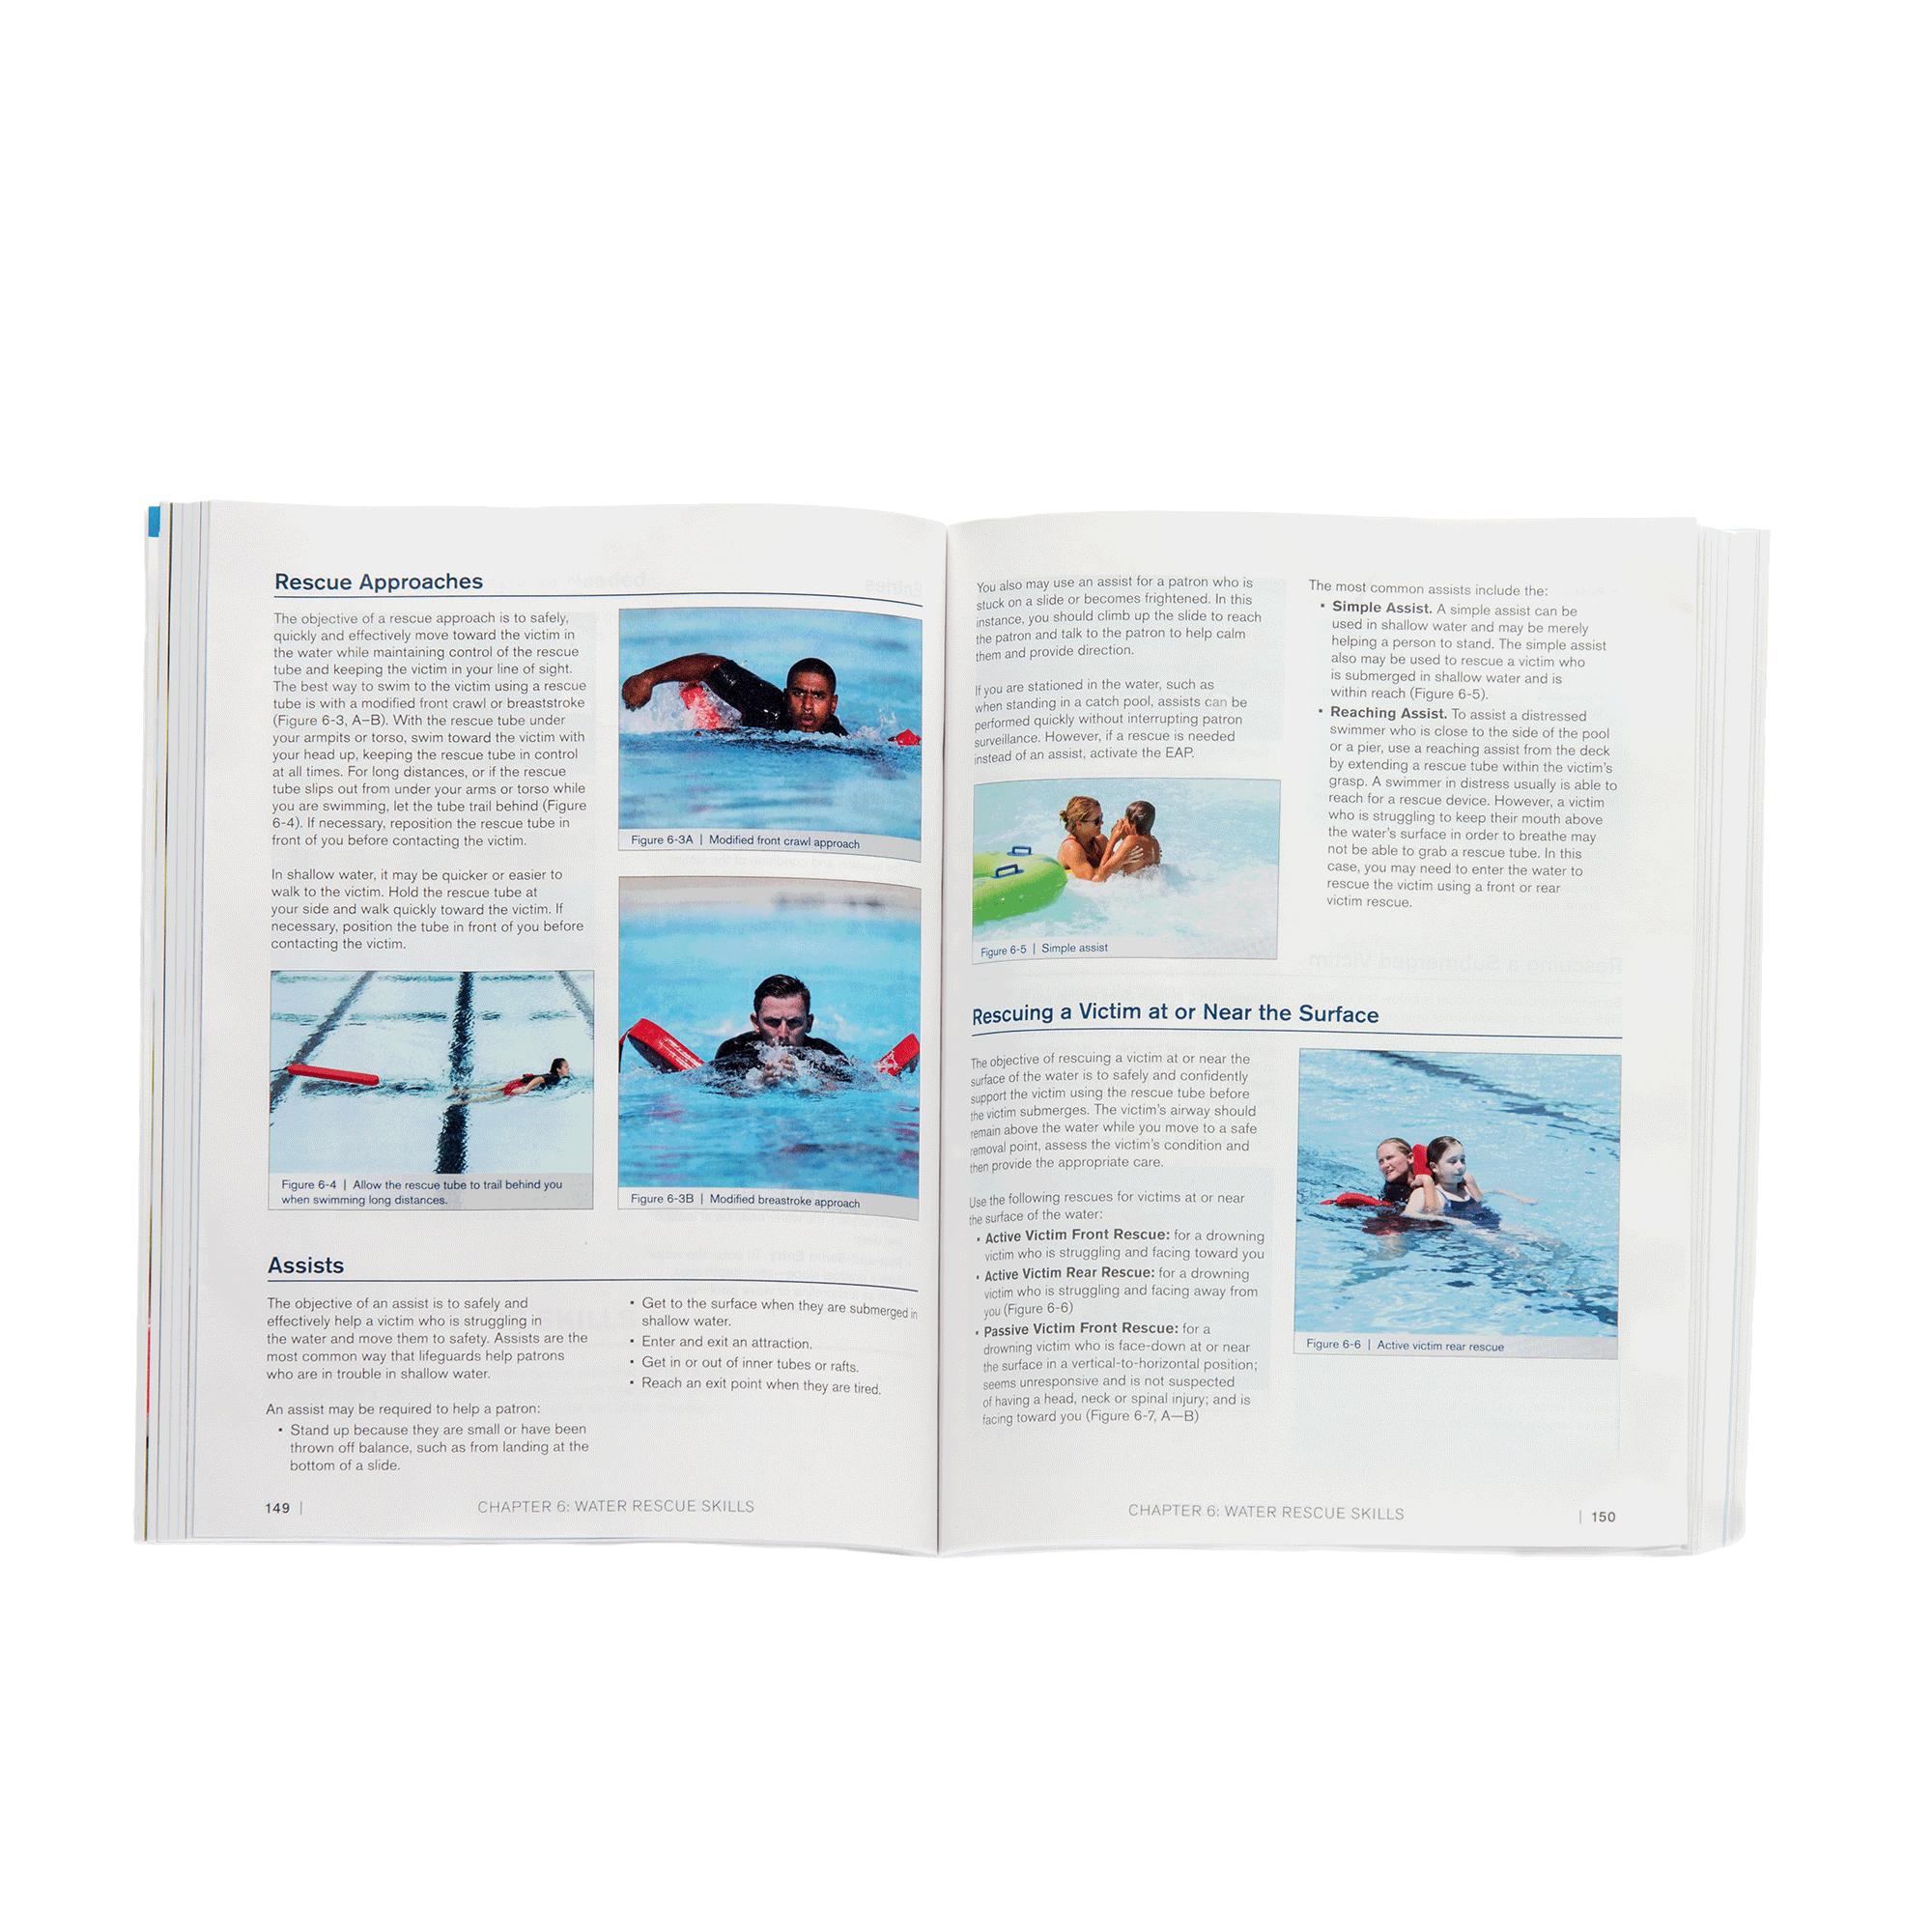 63c127f68b69 American red cross lifeguarding manual red cross store png 1000x1000 American  red cross lifeguarding manual. Download Image